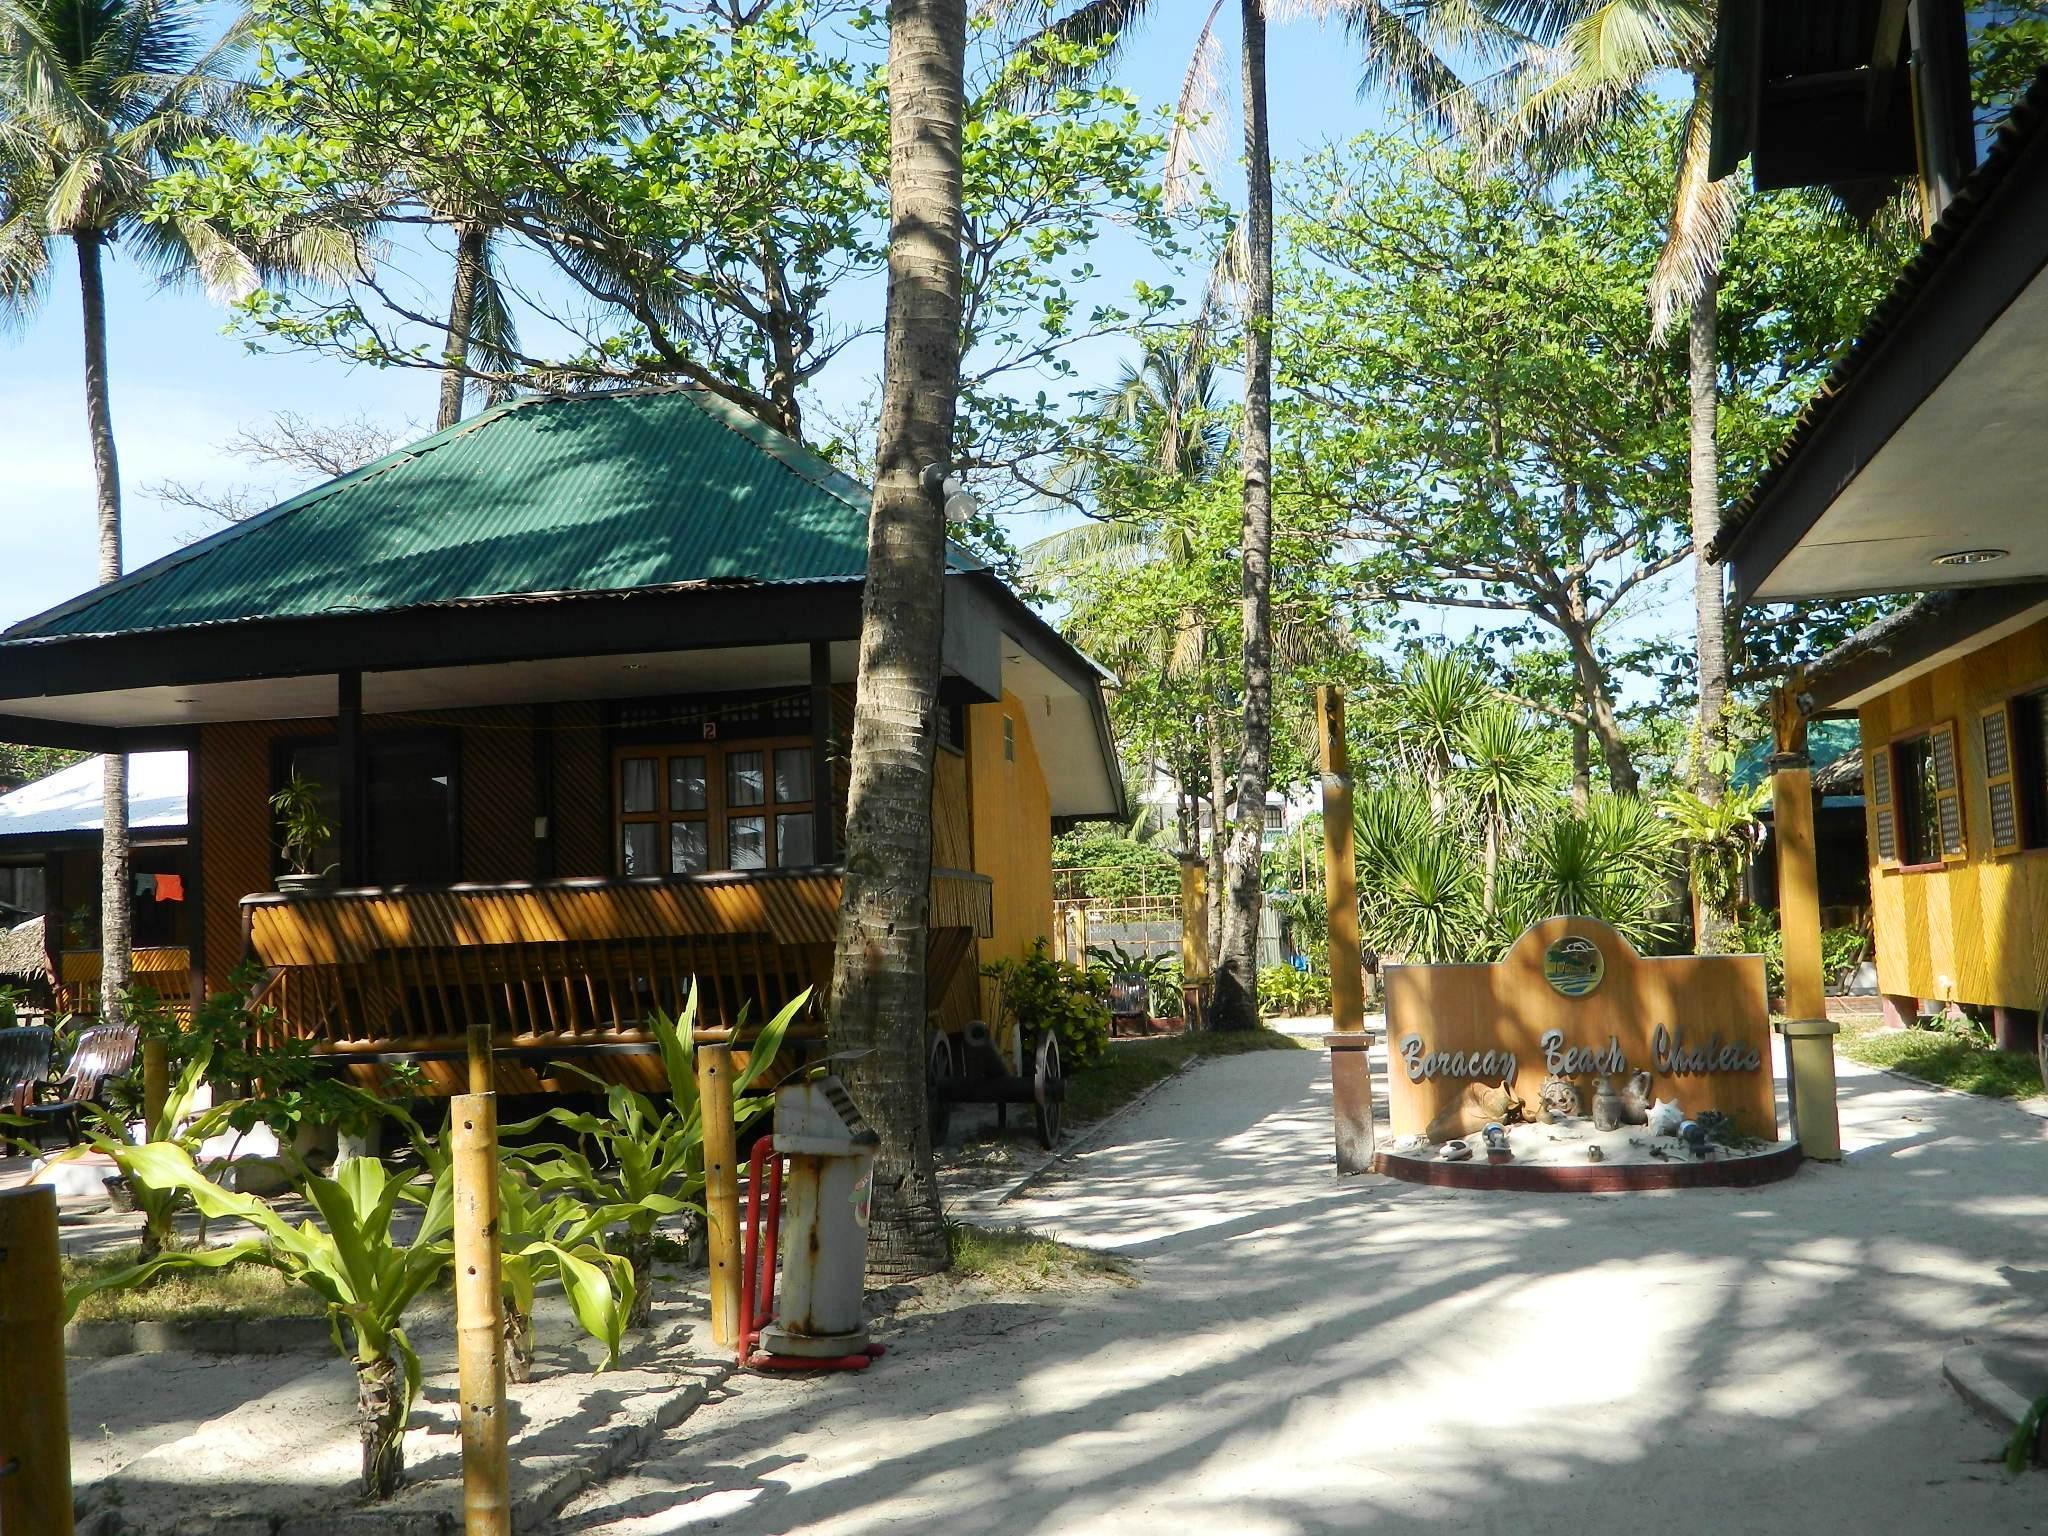 Hotell Boracay Beach Chalets Hotel